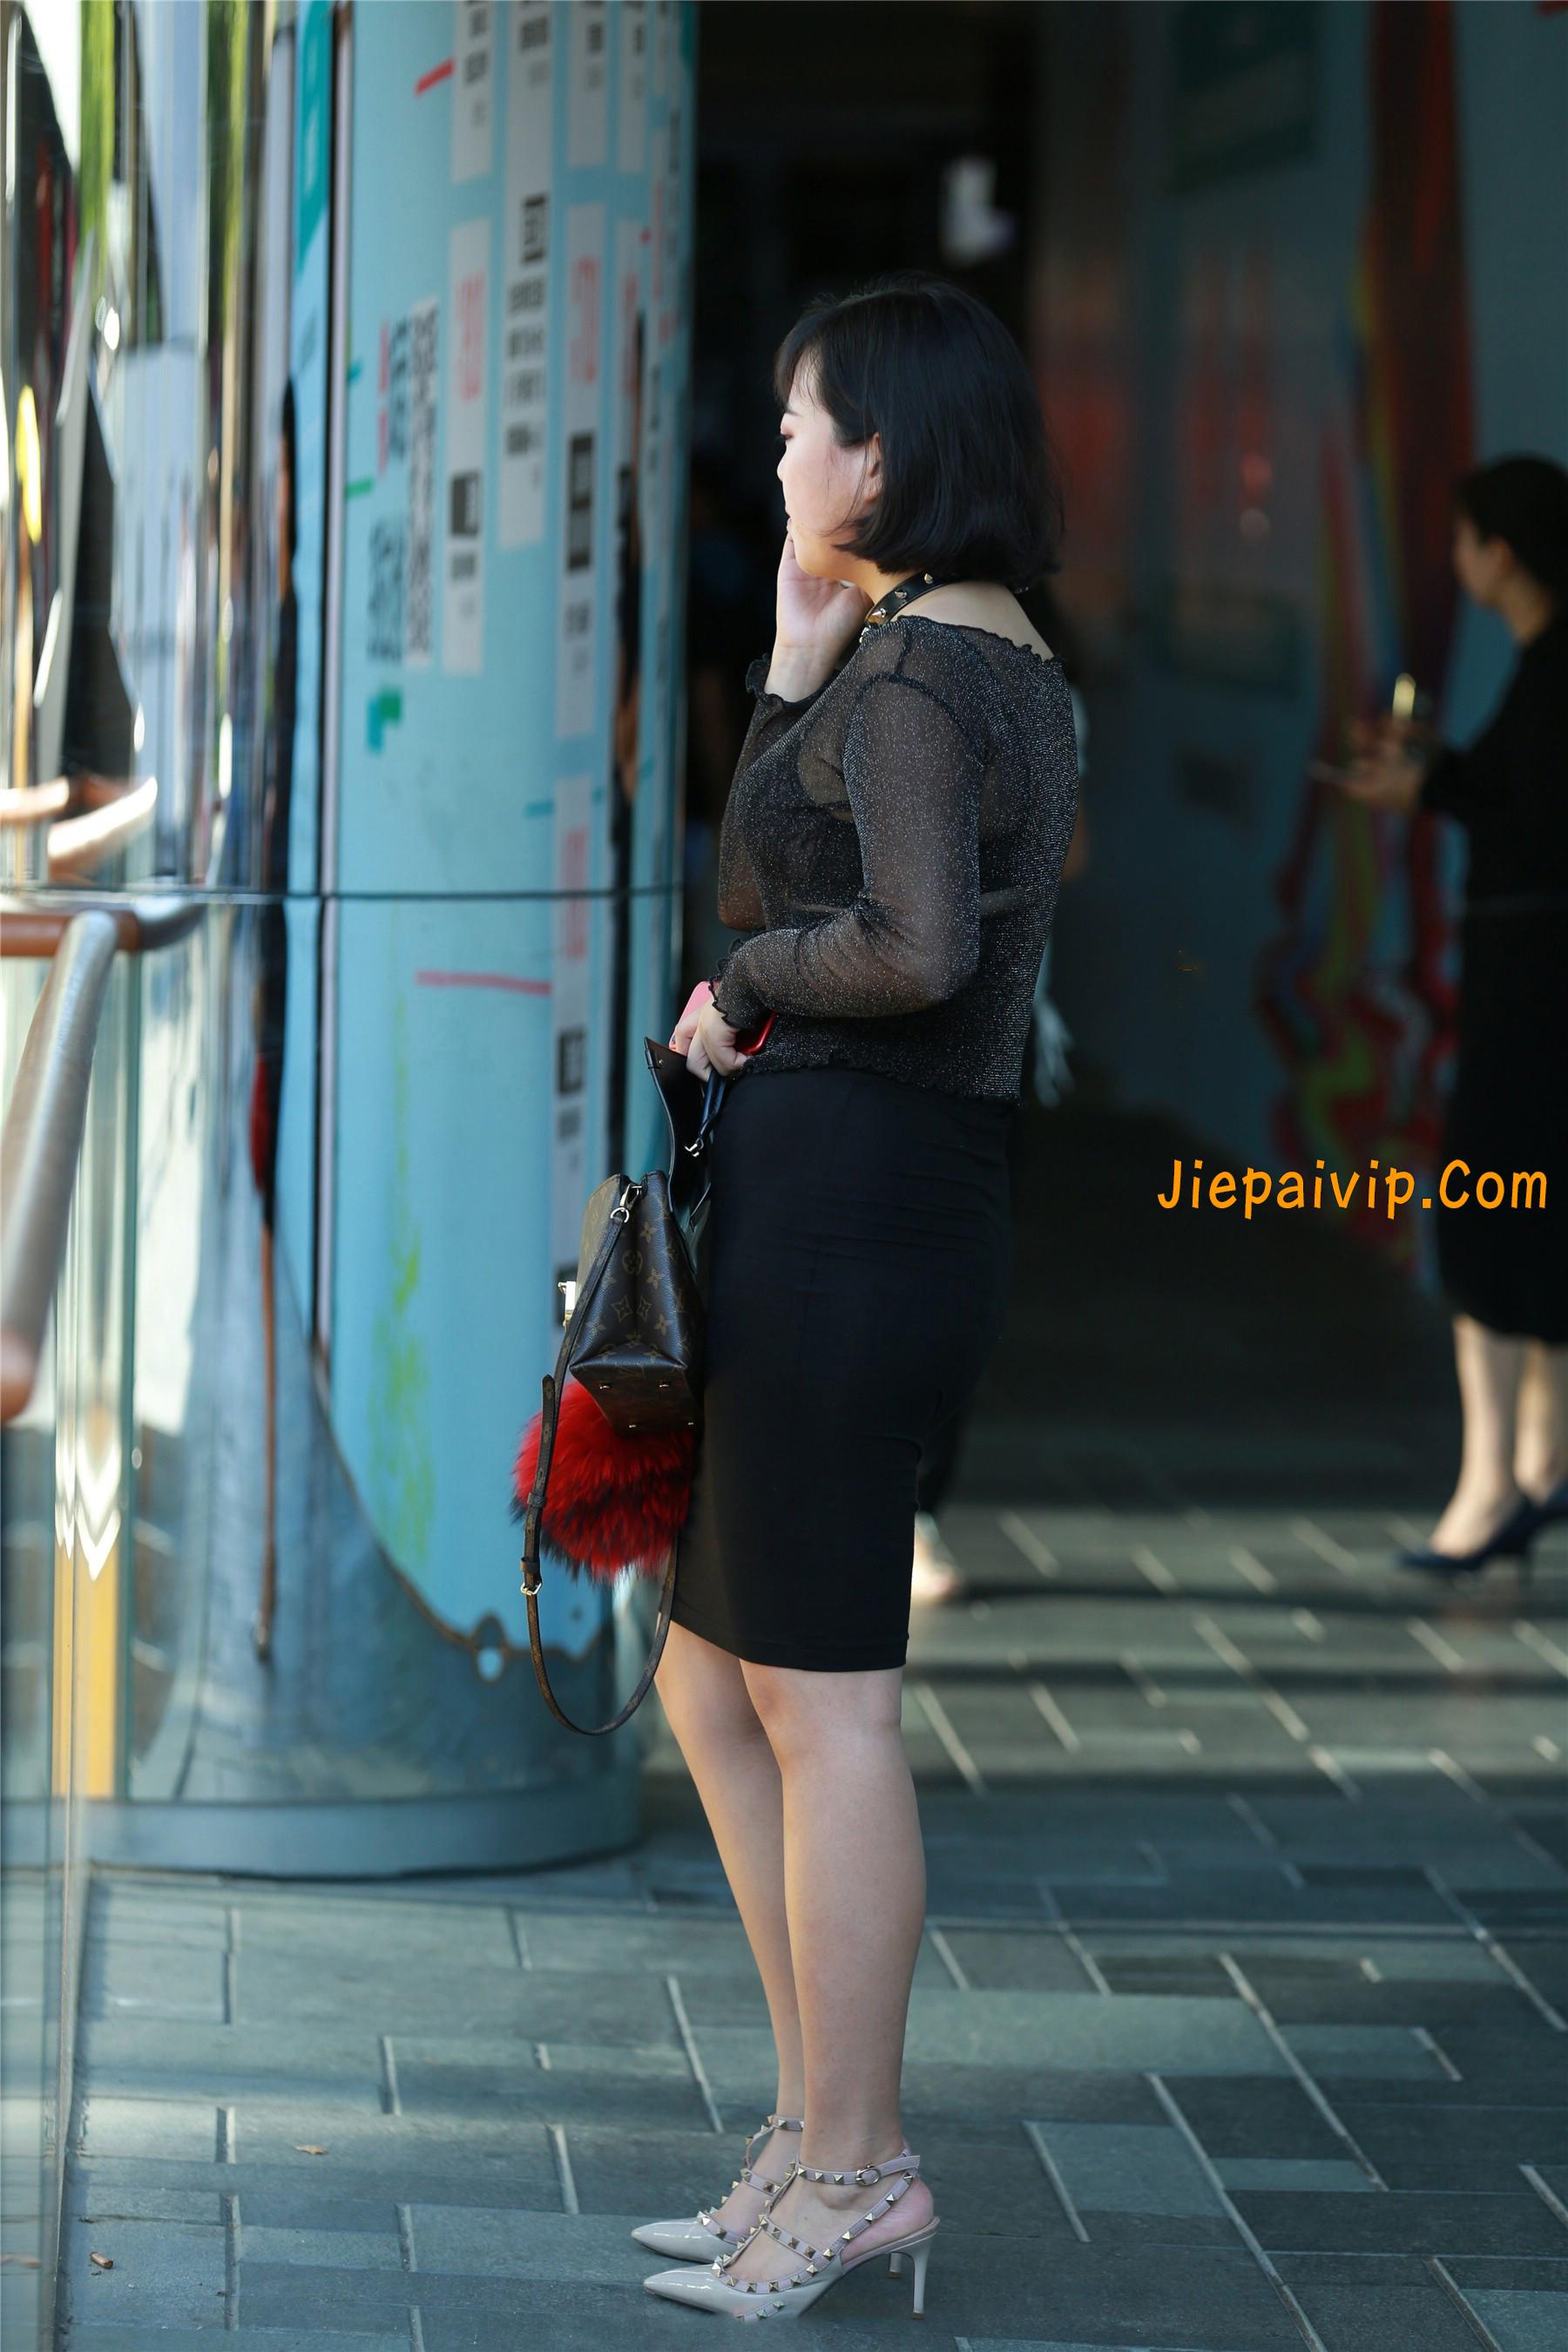 黑纱若隐若现,美腿包臀少妇9